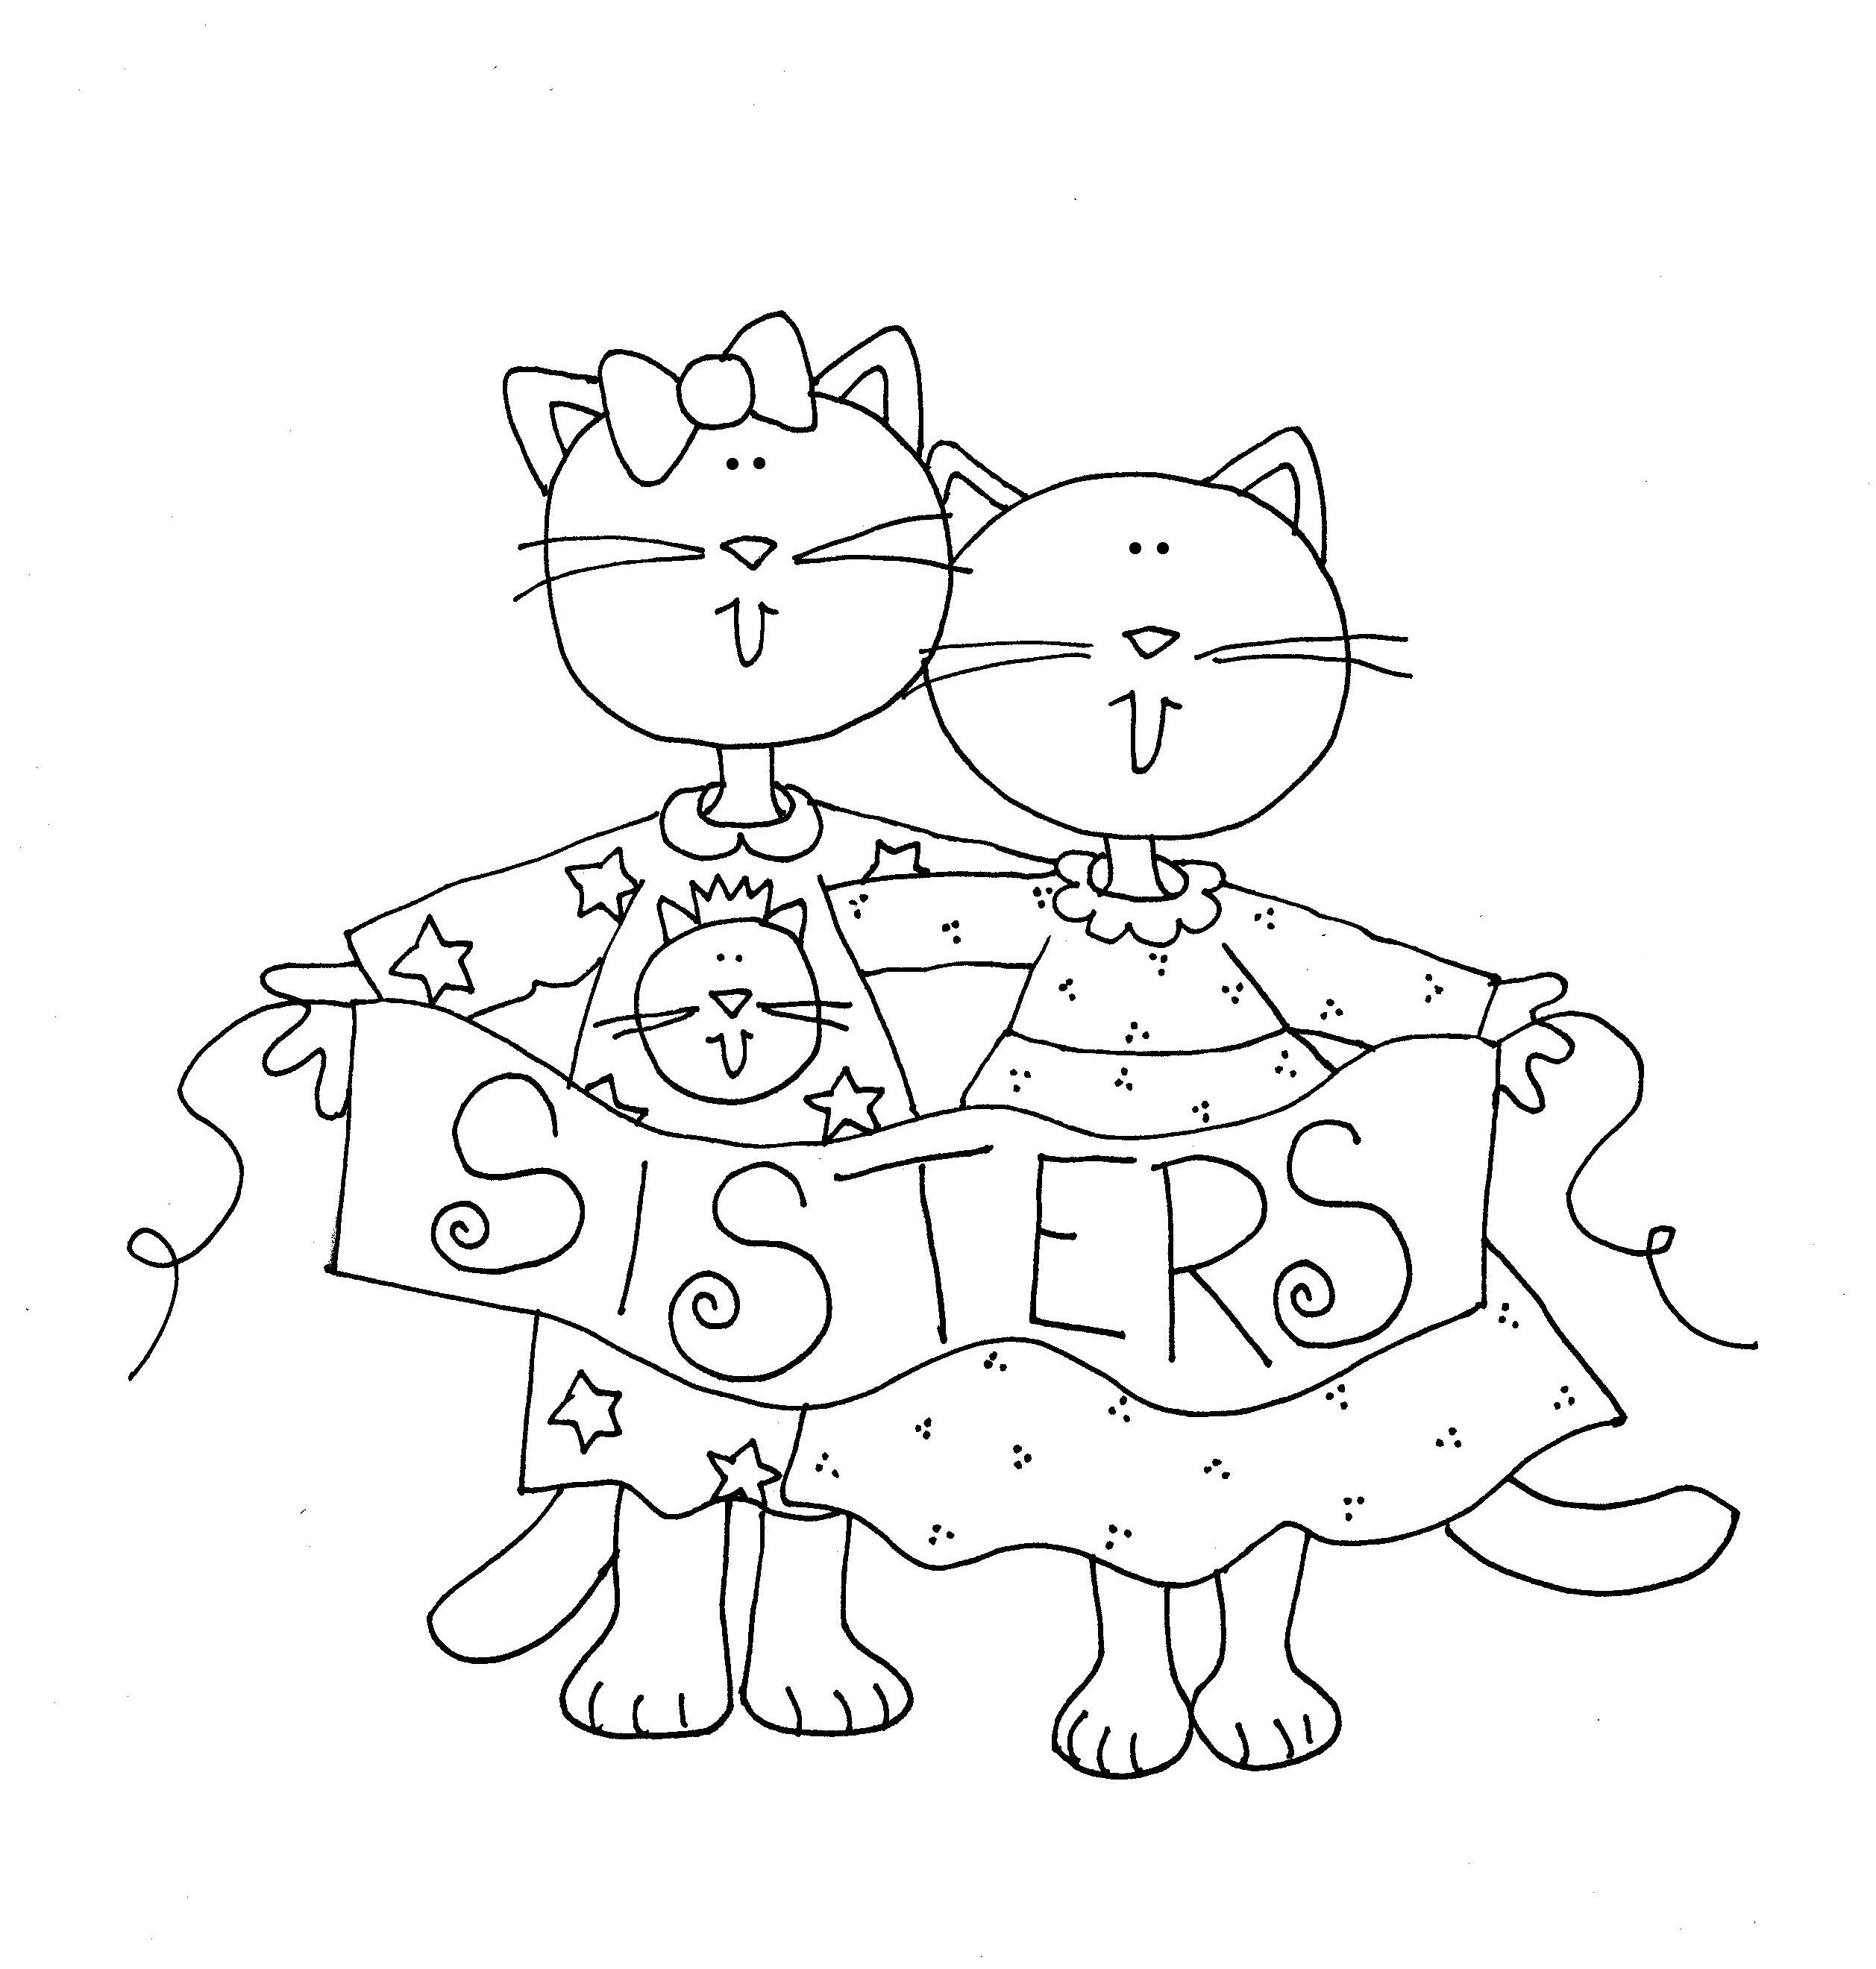 Katzen Bilder Zum Ausmalen Das Beste Von Cat Sisters Dearie Dolls Digi Stamps Digi Stamps Neu Ausmalbilder Das Bild